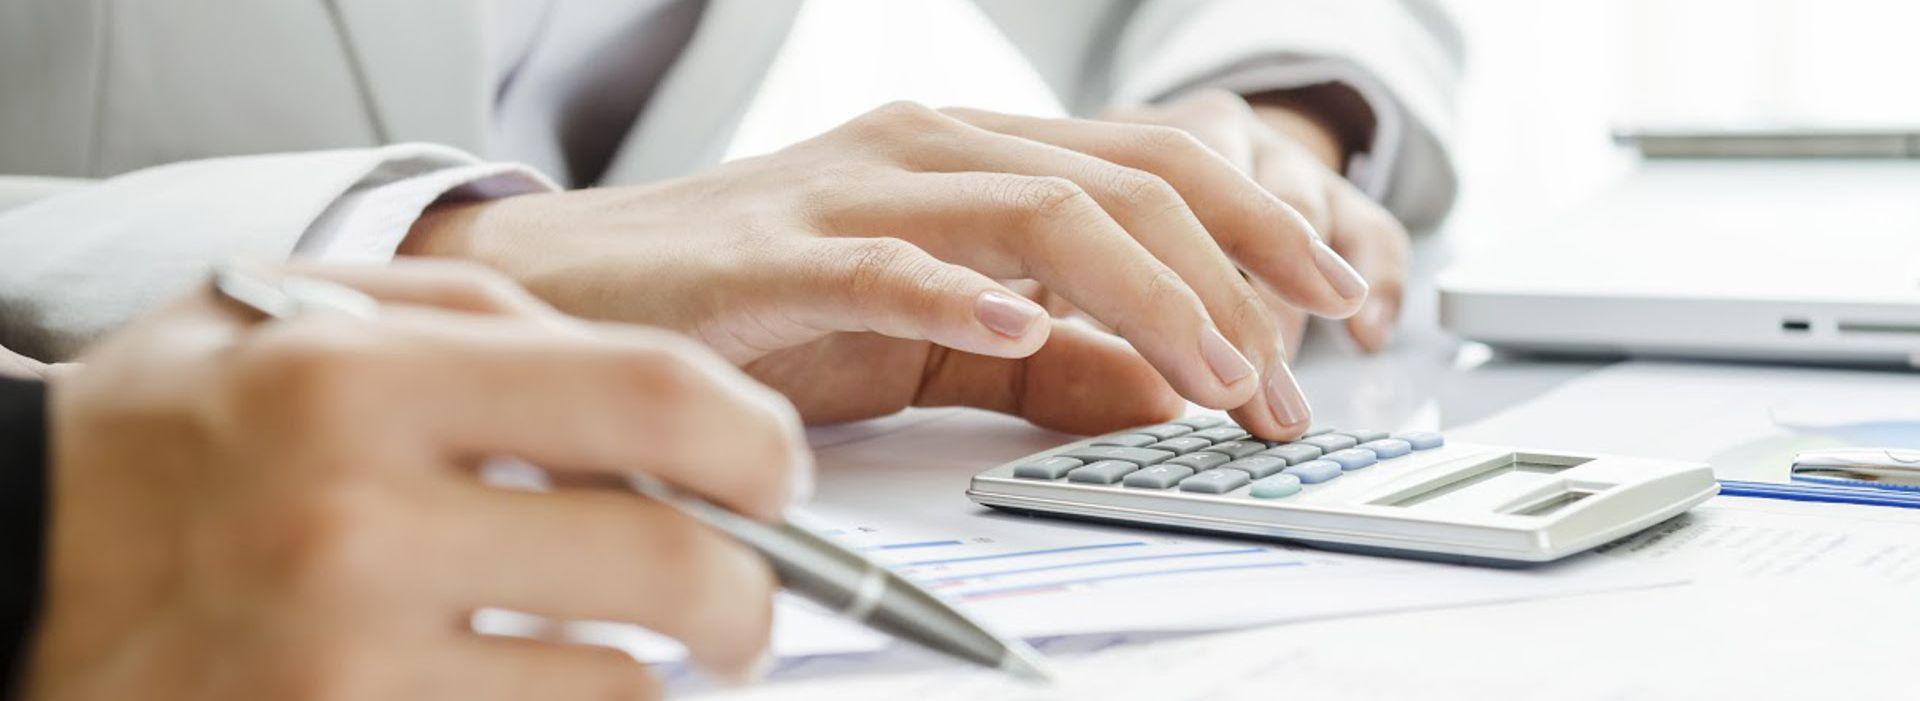 servizi-e-consulenze-professionali